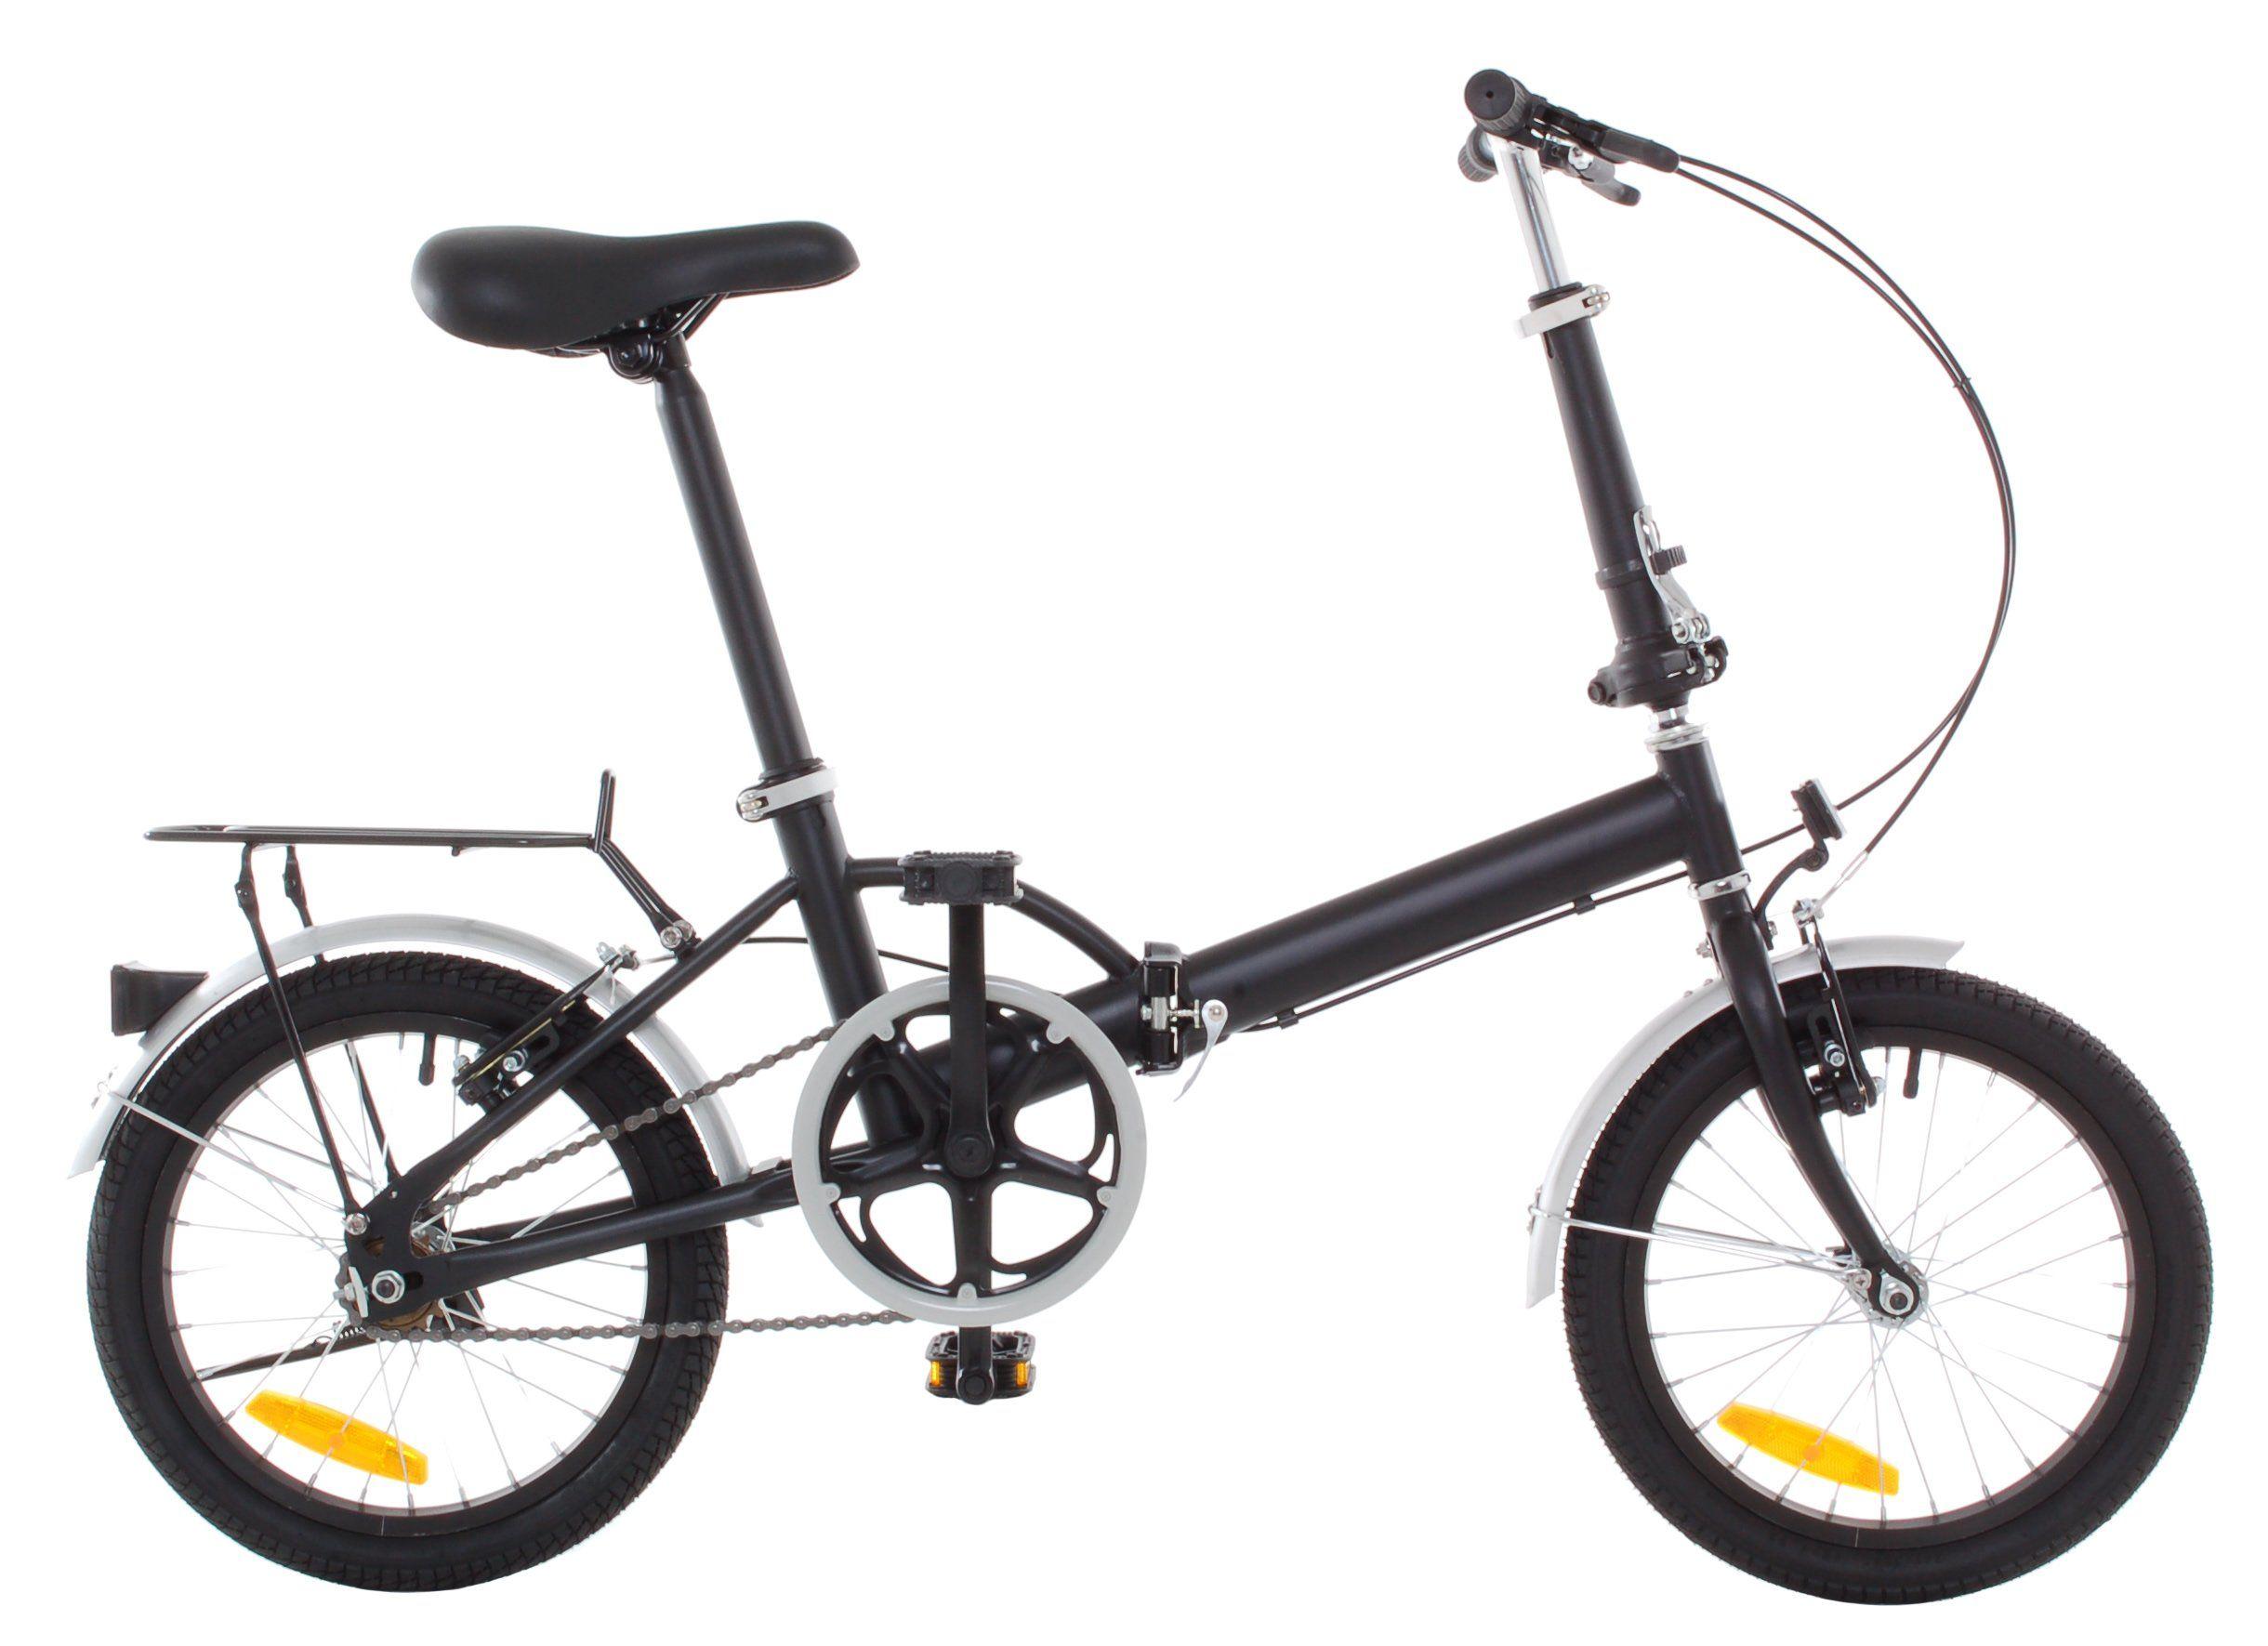 Vilano Folding Bike Review